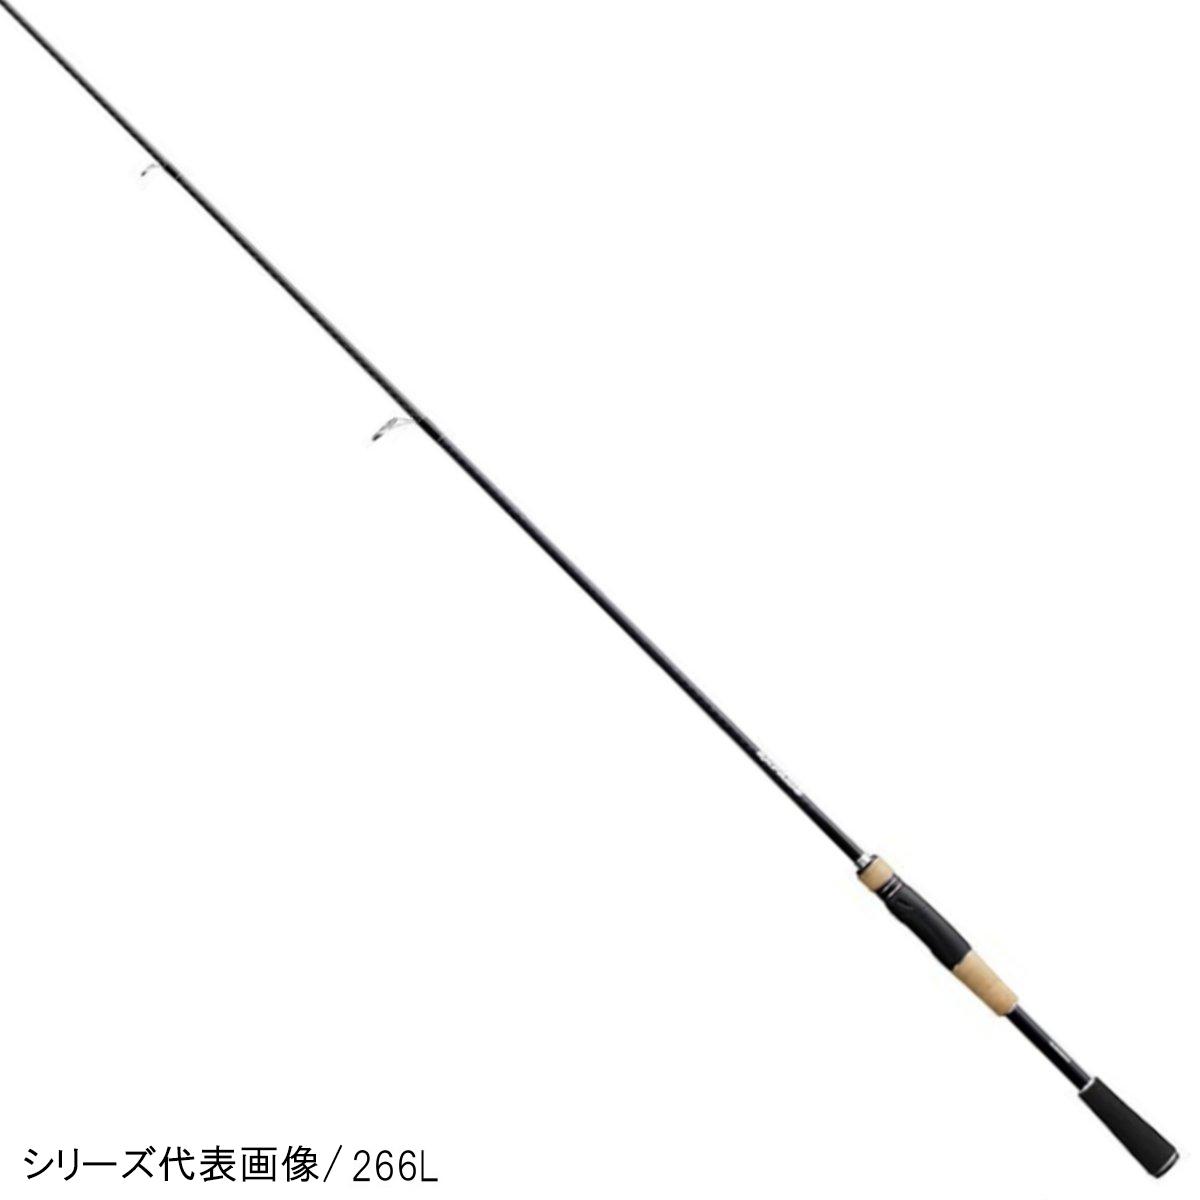 シマノ エクスプライド 264UL-2(東日本店)